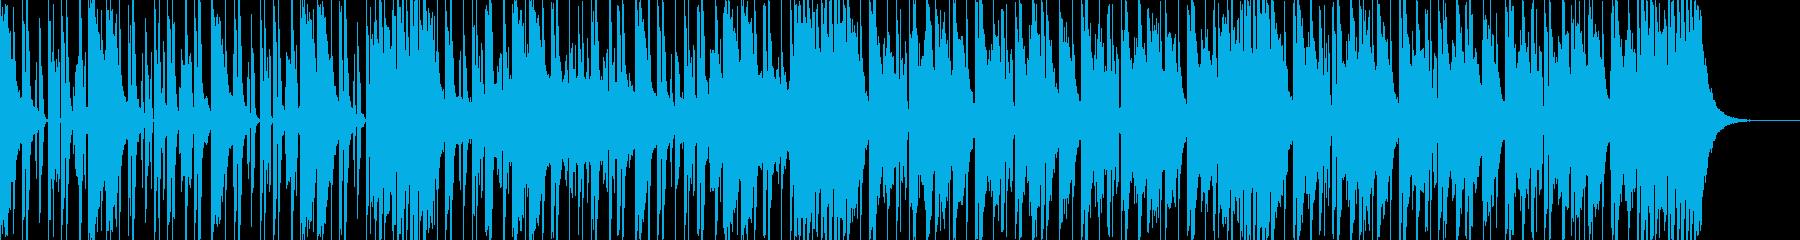 ダークなブラスとスクラッチヒップホップcの再生済みの波形